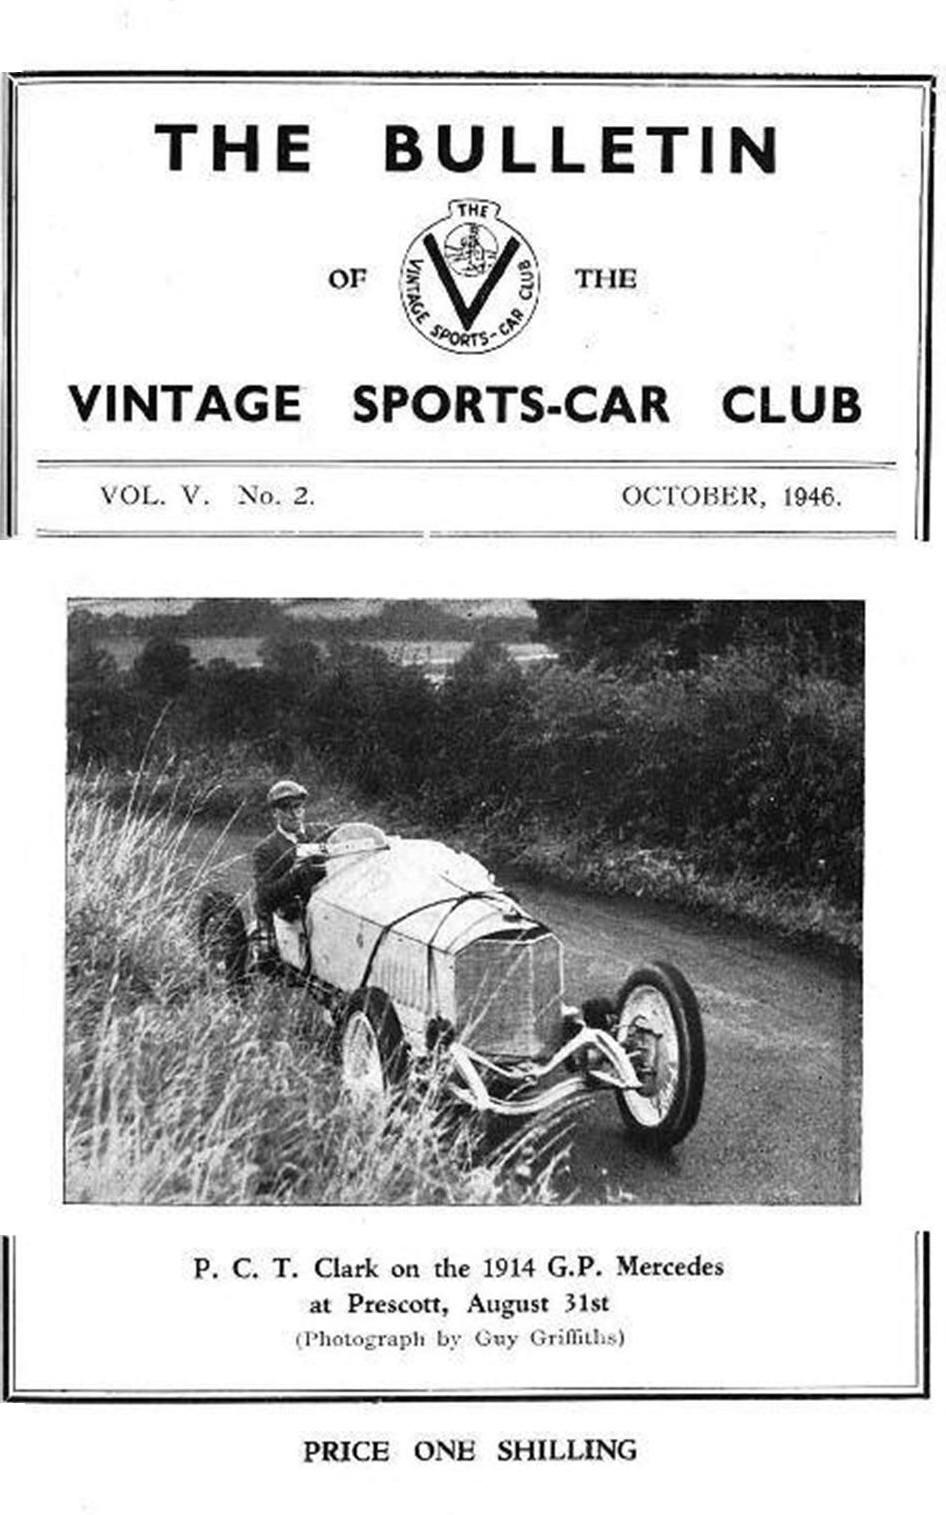 The 1922 grand Prix Sunbeams. Prescott. Jubilee Cavalcade cover